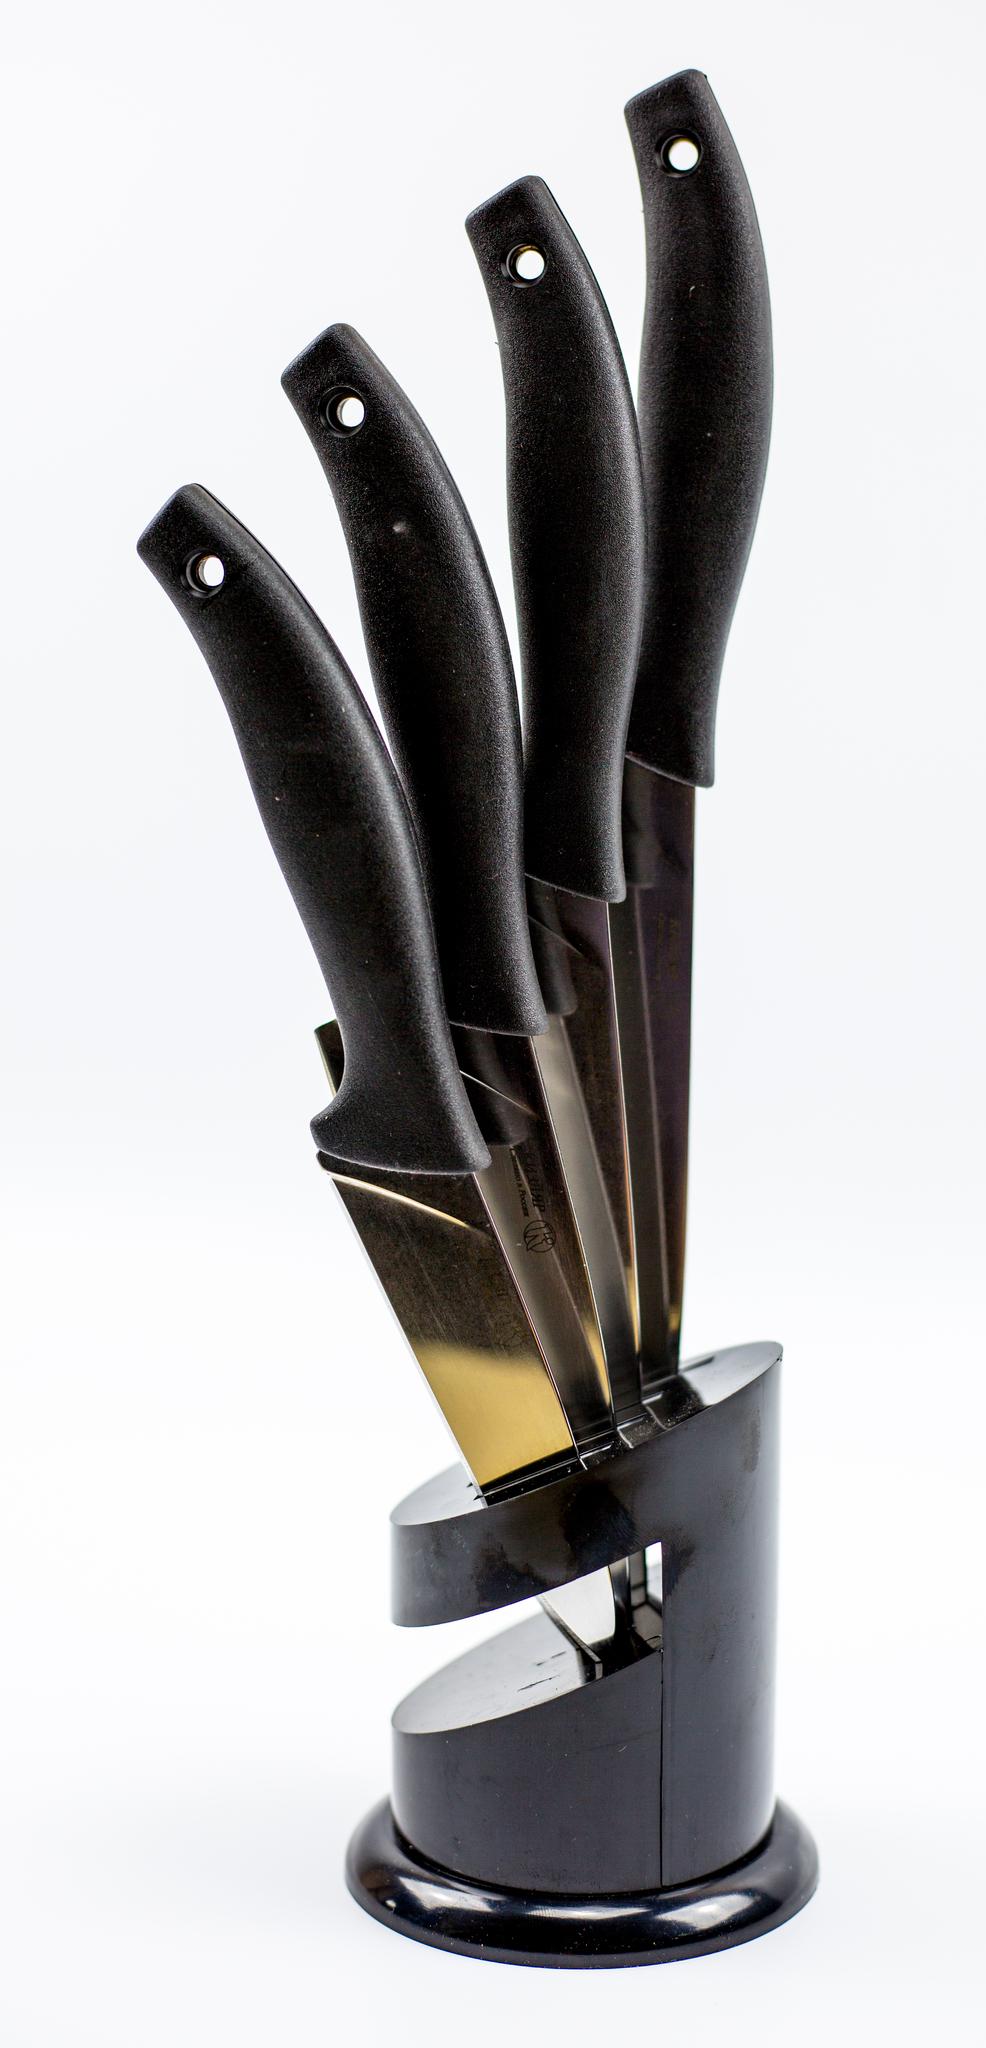 Набор кухонных ножей Квартет, с подставкойНожи Кизляр<br>Полная длина 290/260/250/220Длина клинка 165/135/125/95Толщина клинка 1,5+-0,5Твердость клинка 52-57 HRCШирина клинка 35/22/35/20РУКОЯТЬ ElastronGСТАЛЬ AUS-8Заточка клиноваяПодставка Пластик<br>